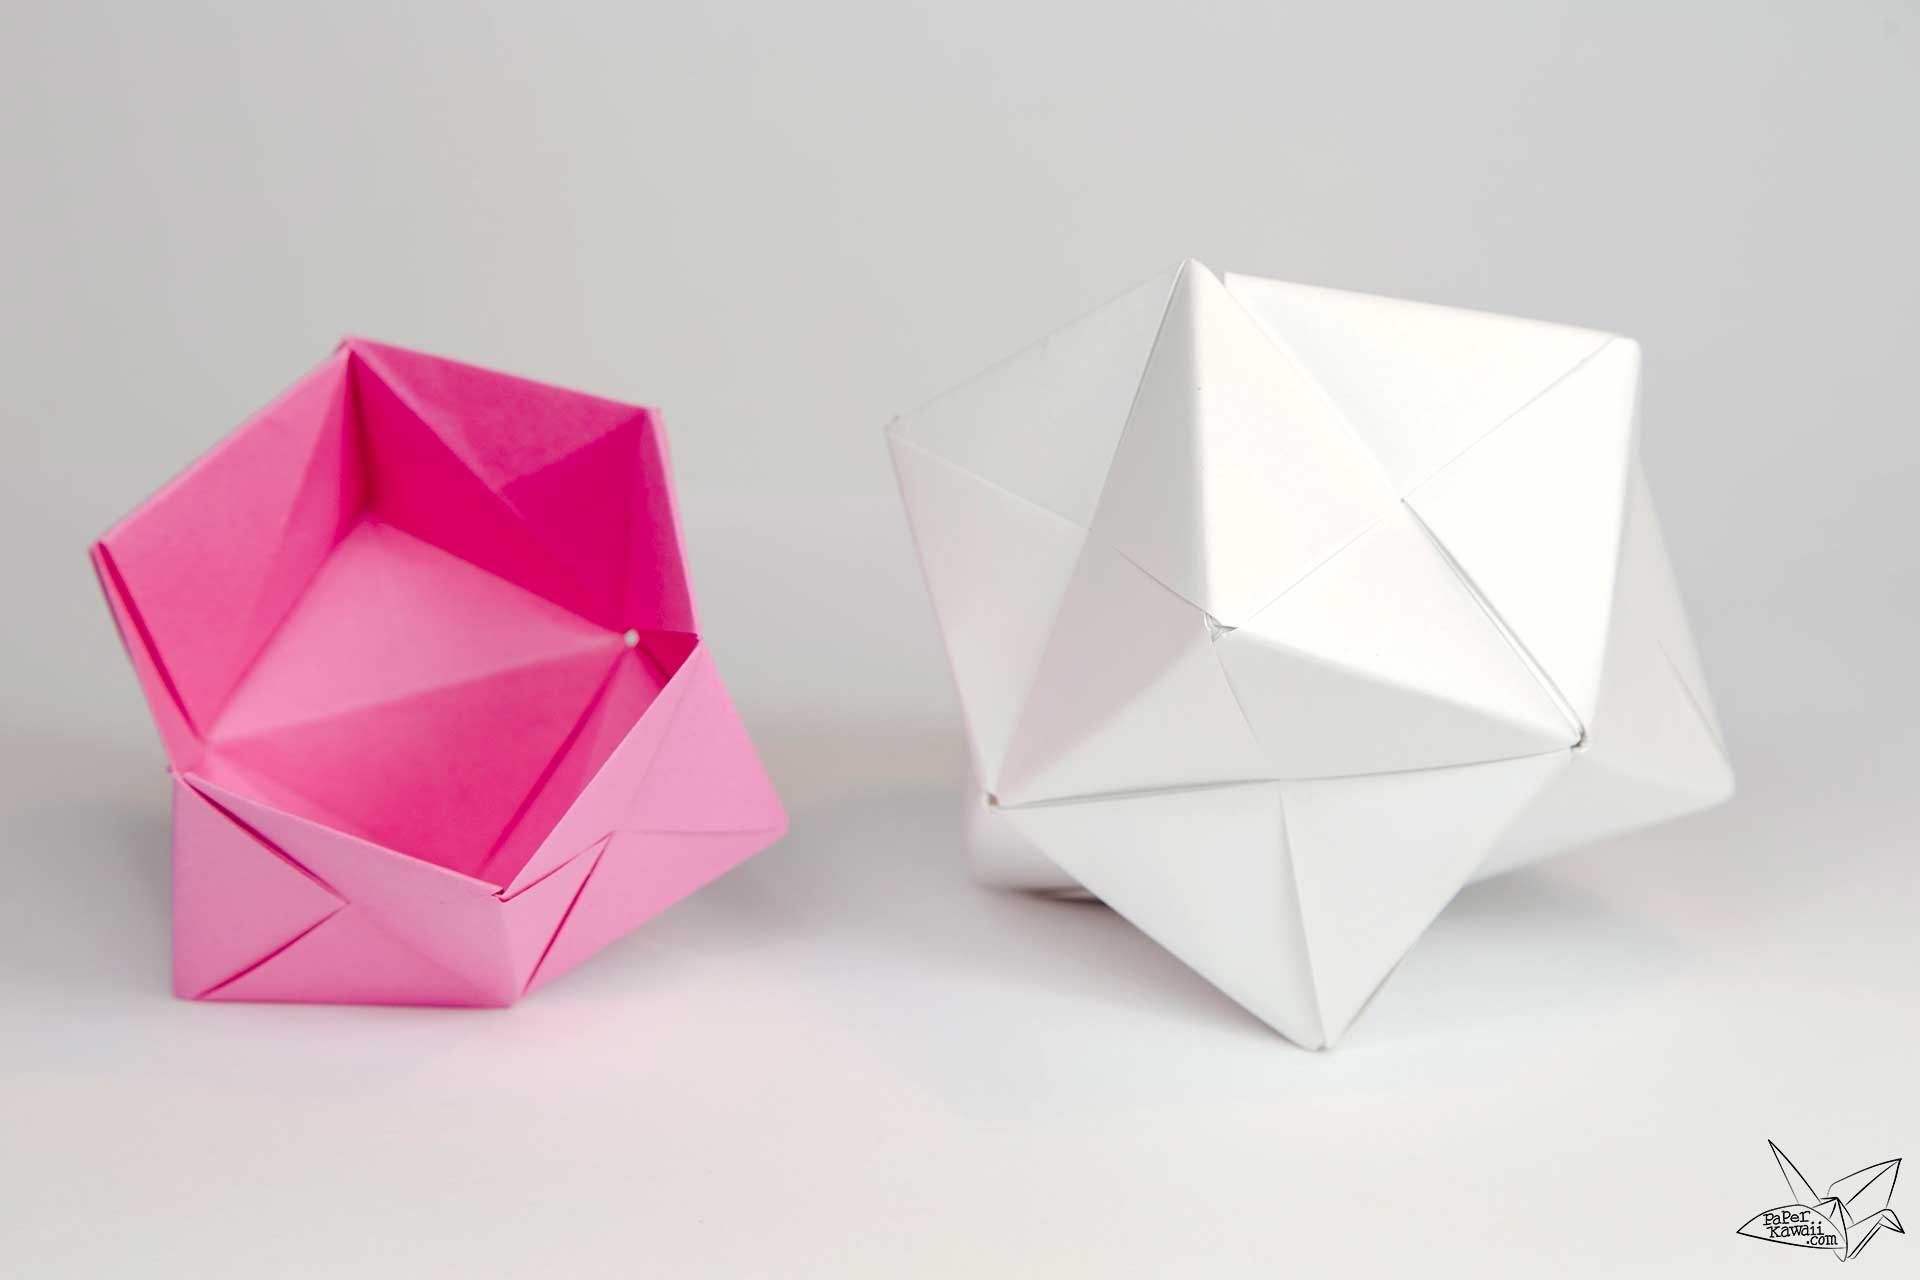 Modular origami sonobe bowl tutorial paper kawaii - Origami paper tutorial ...